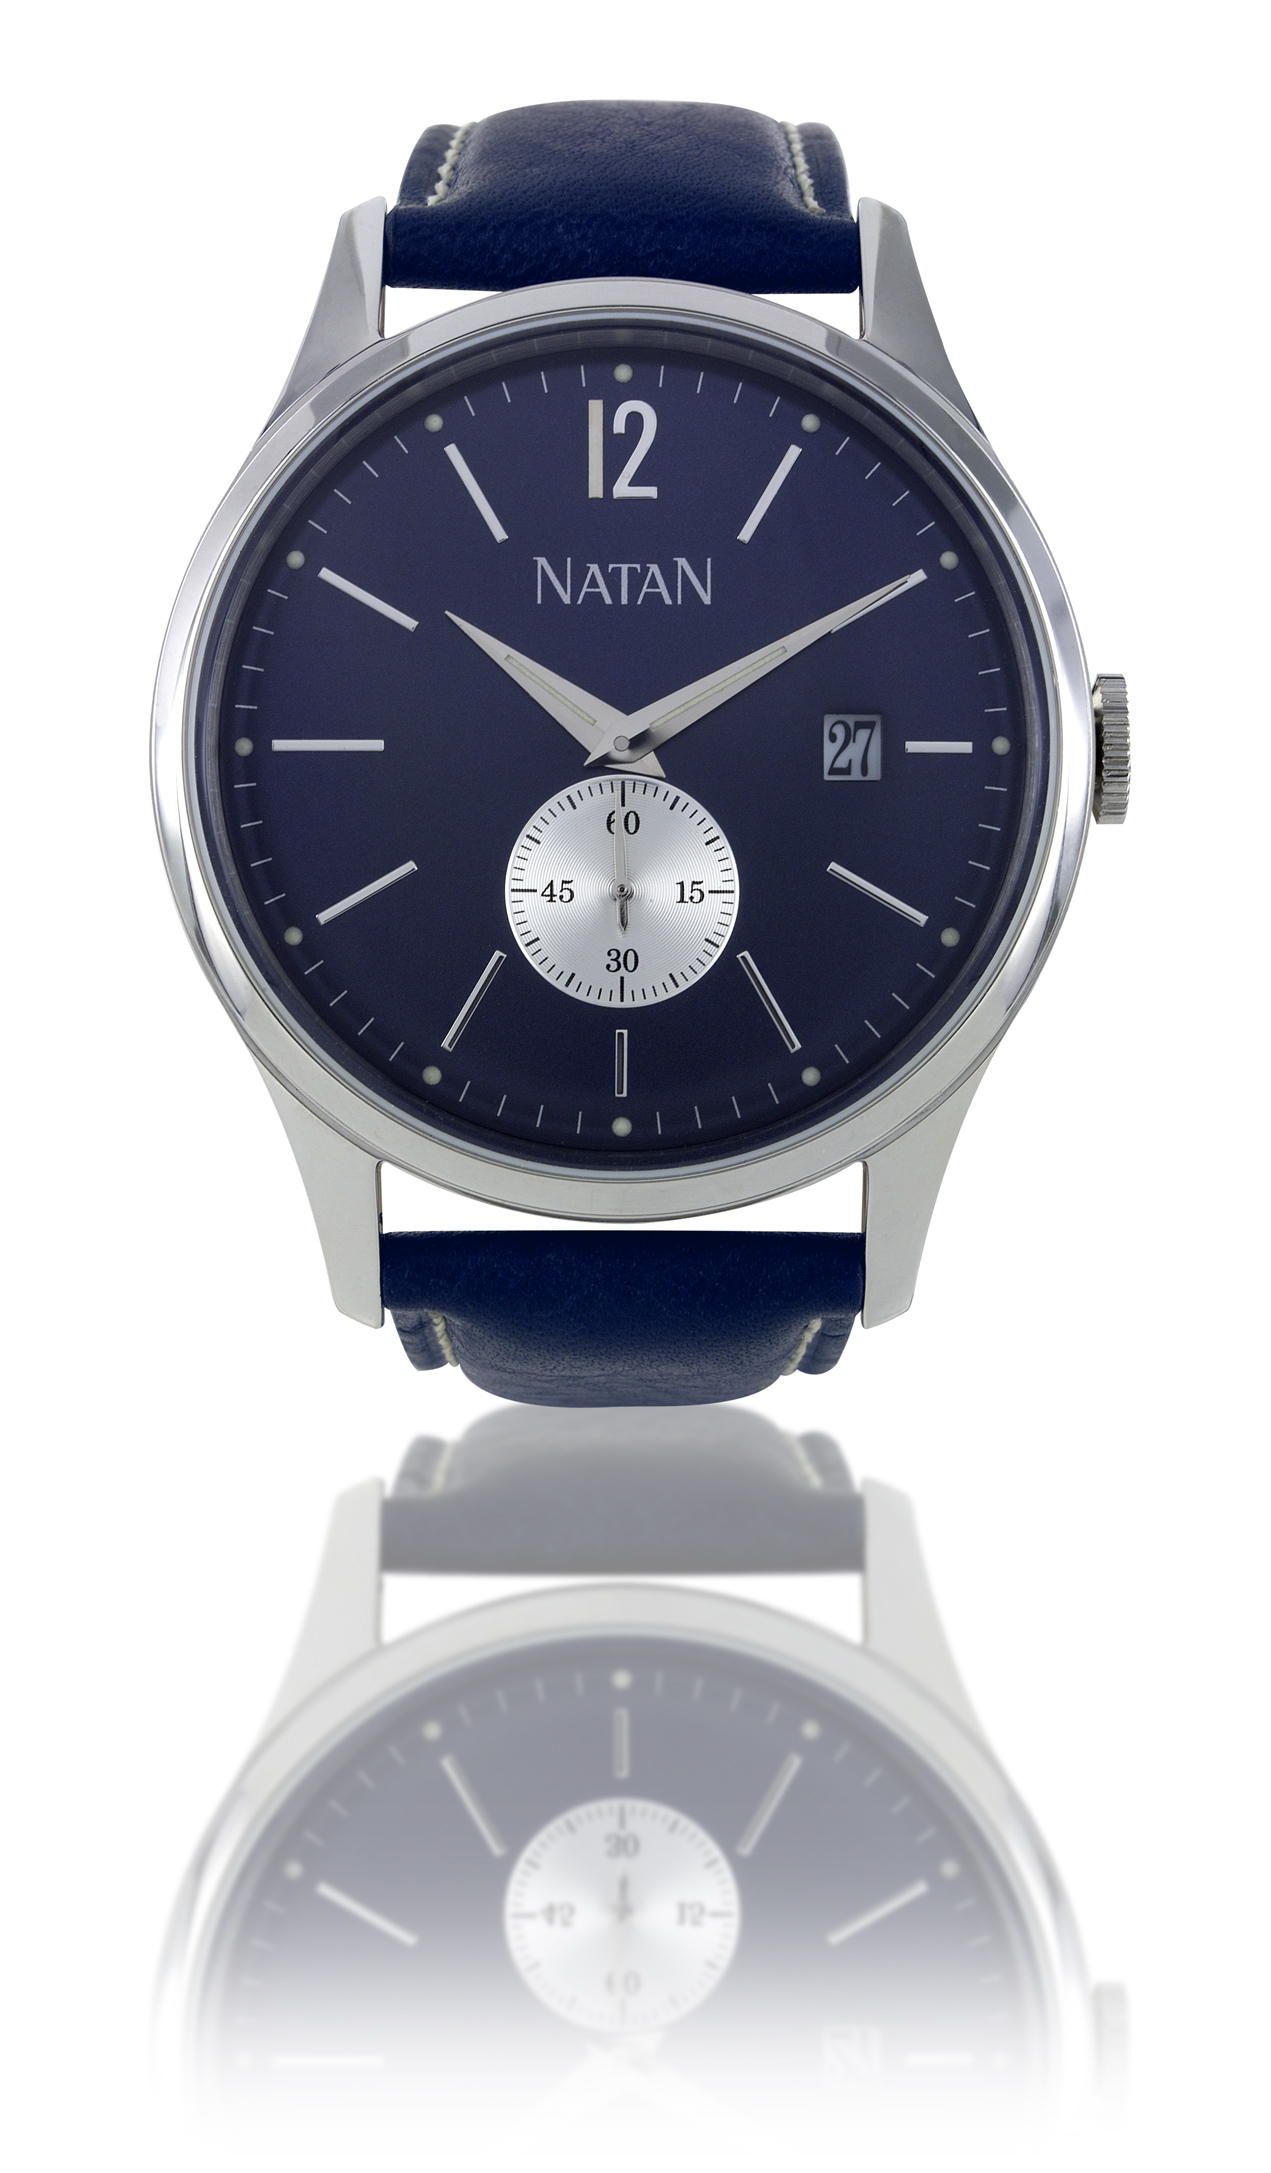 a78e81a46d4 NATAN lança novos modelos de relógios